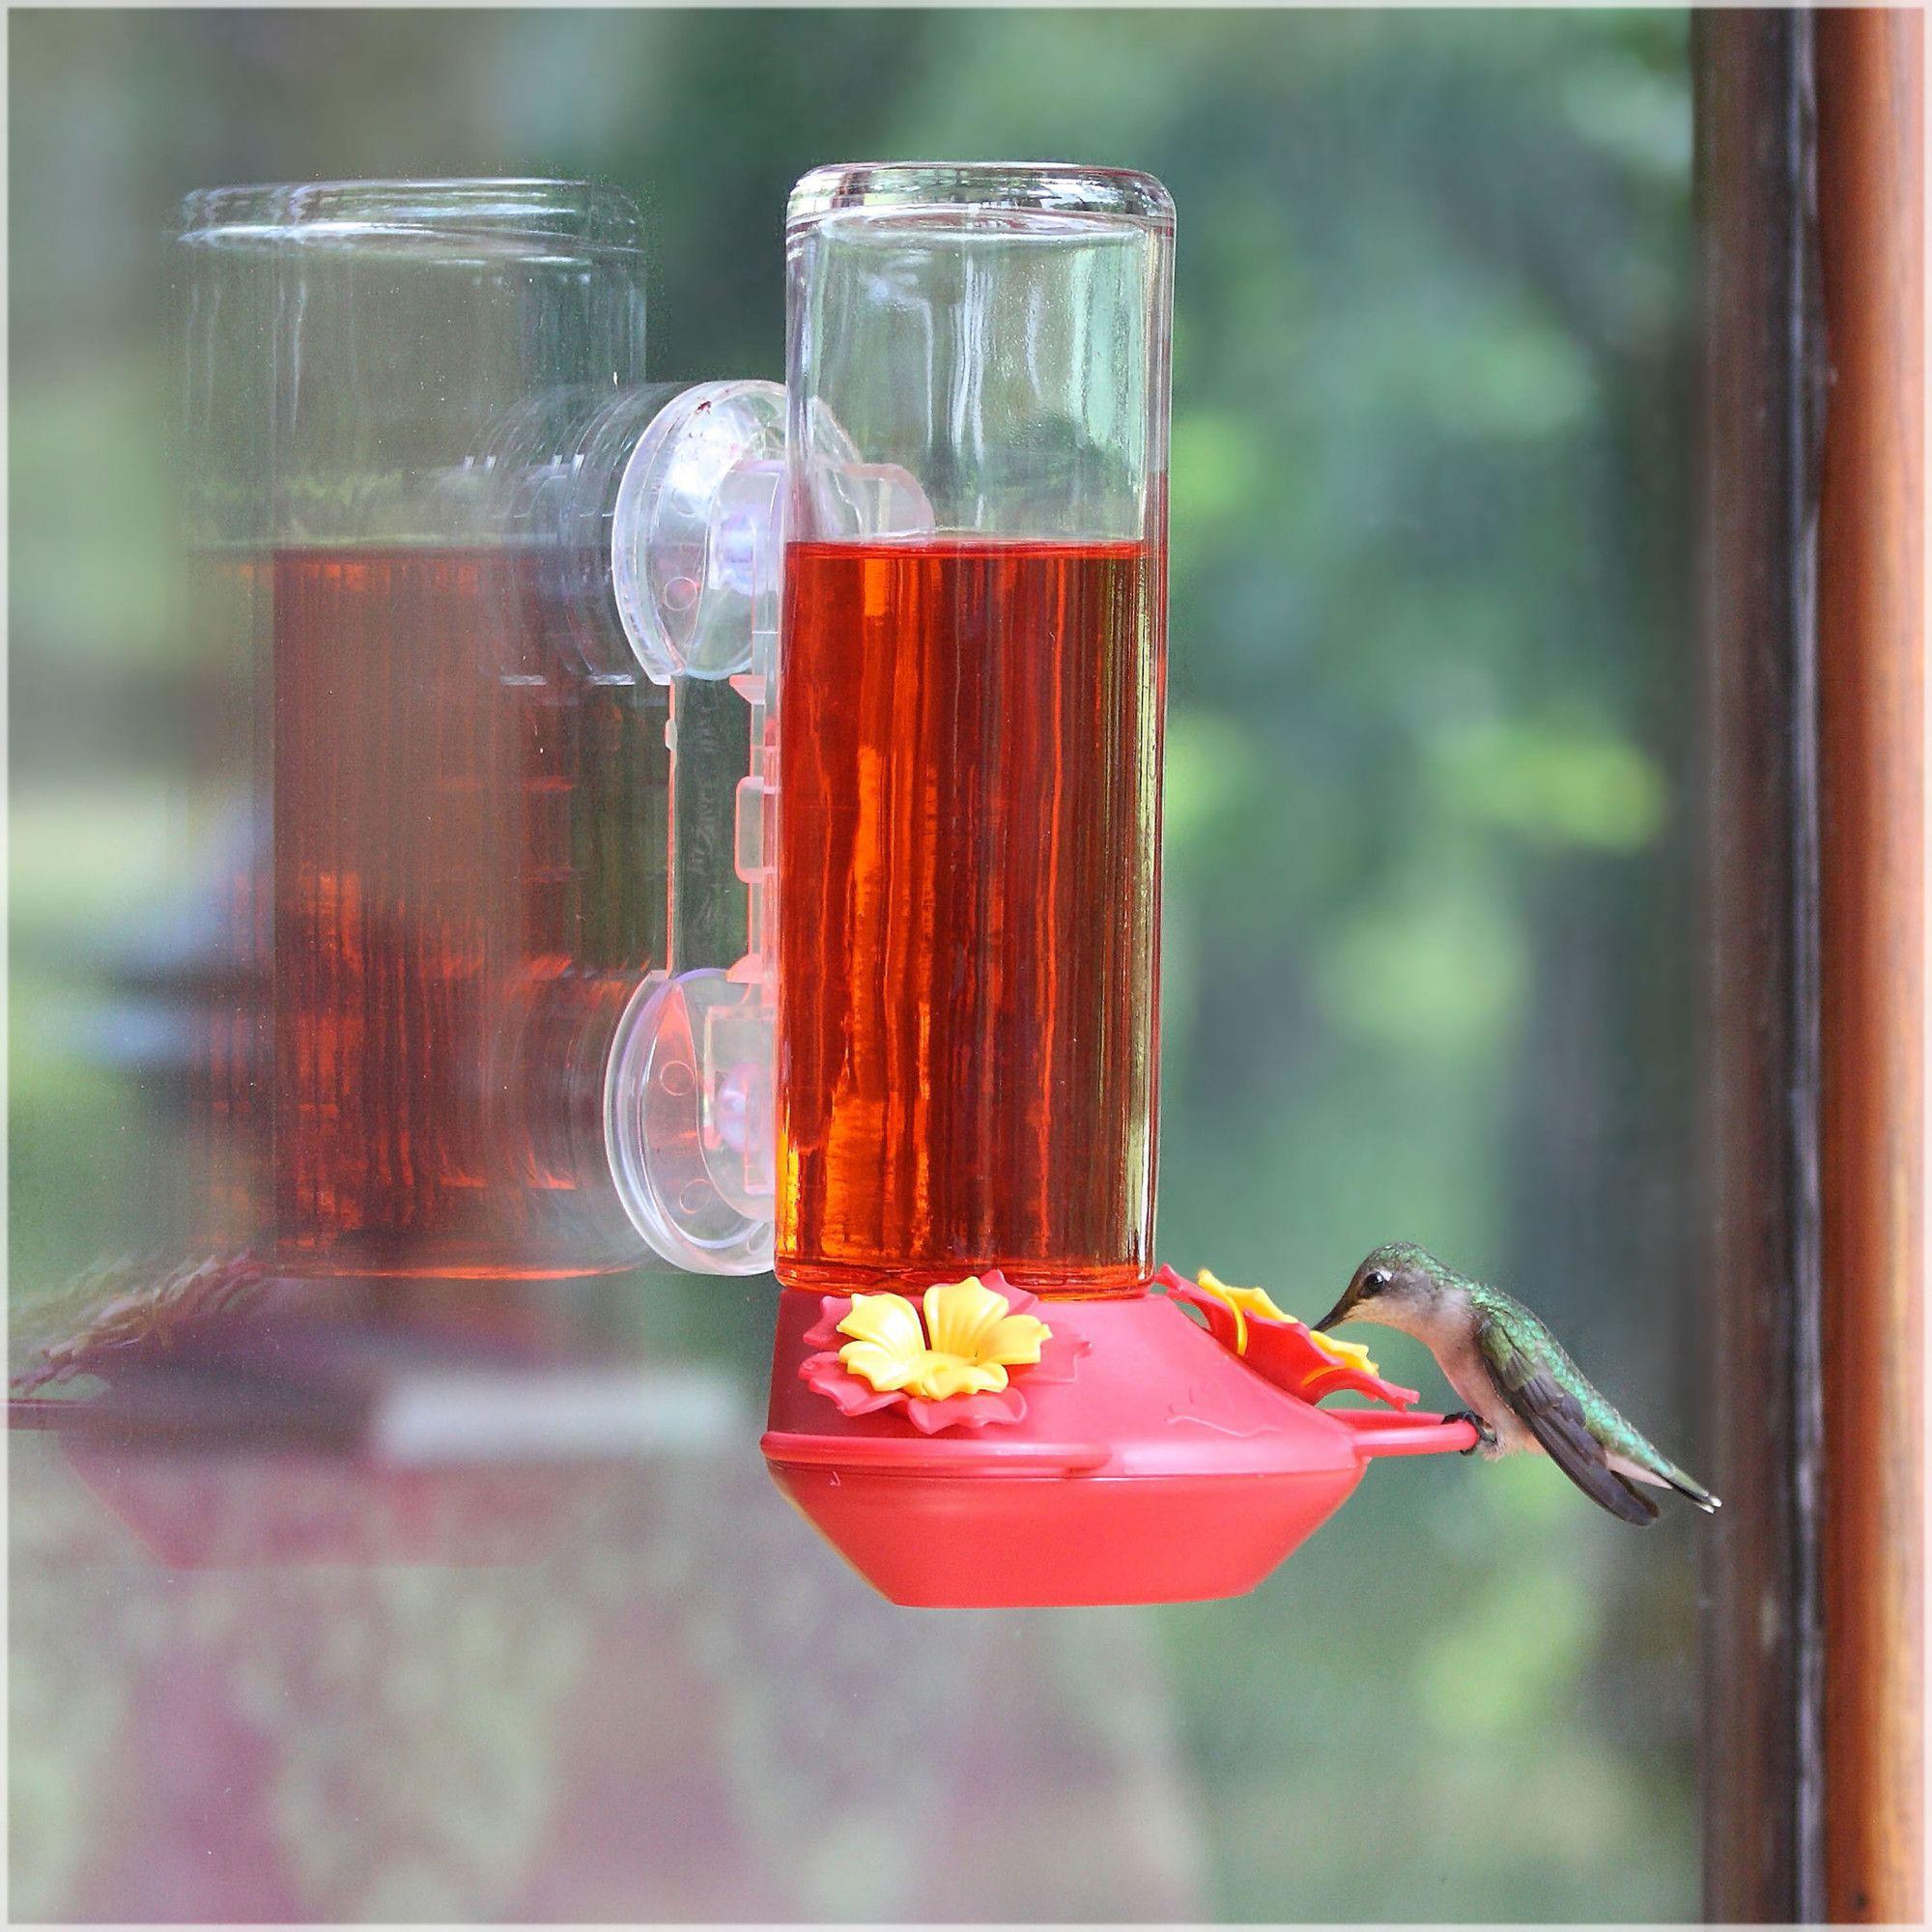 Window Mounted Hummingbird Feeder Humming Bird Feeders Window Bird Feeder Glass Hummingbird Feeders